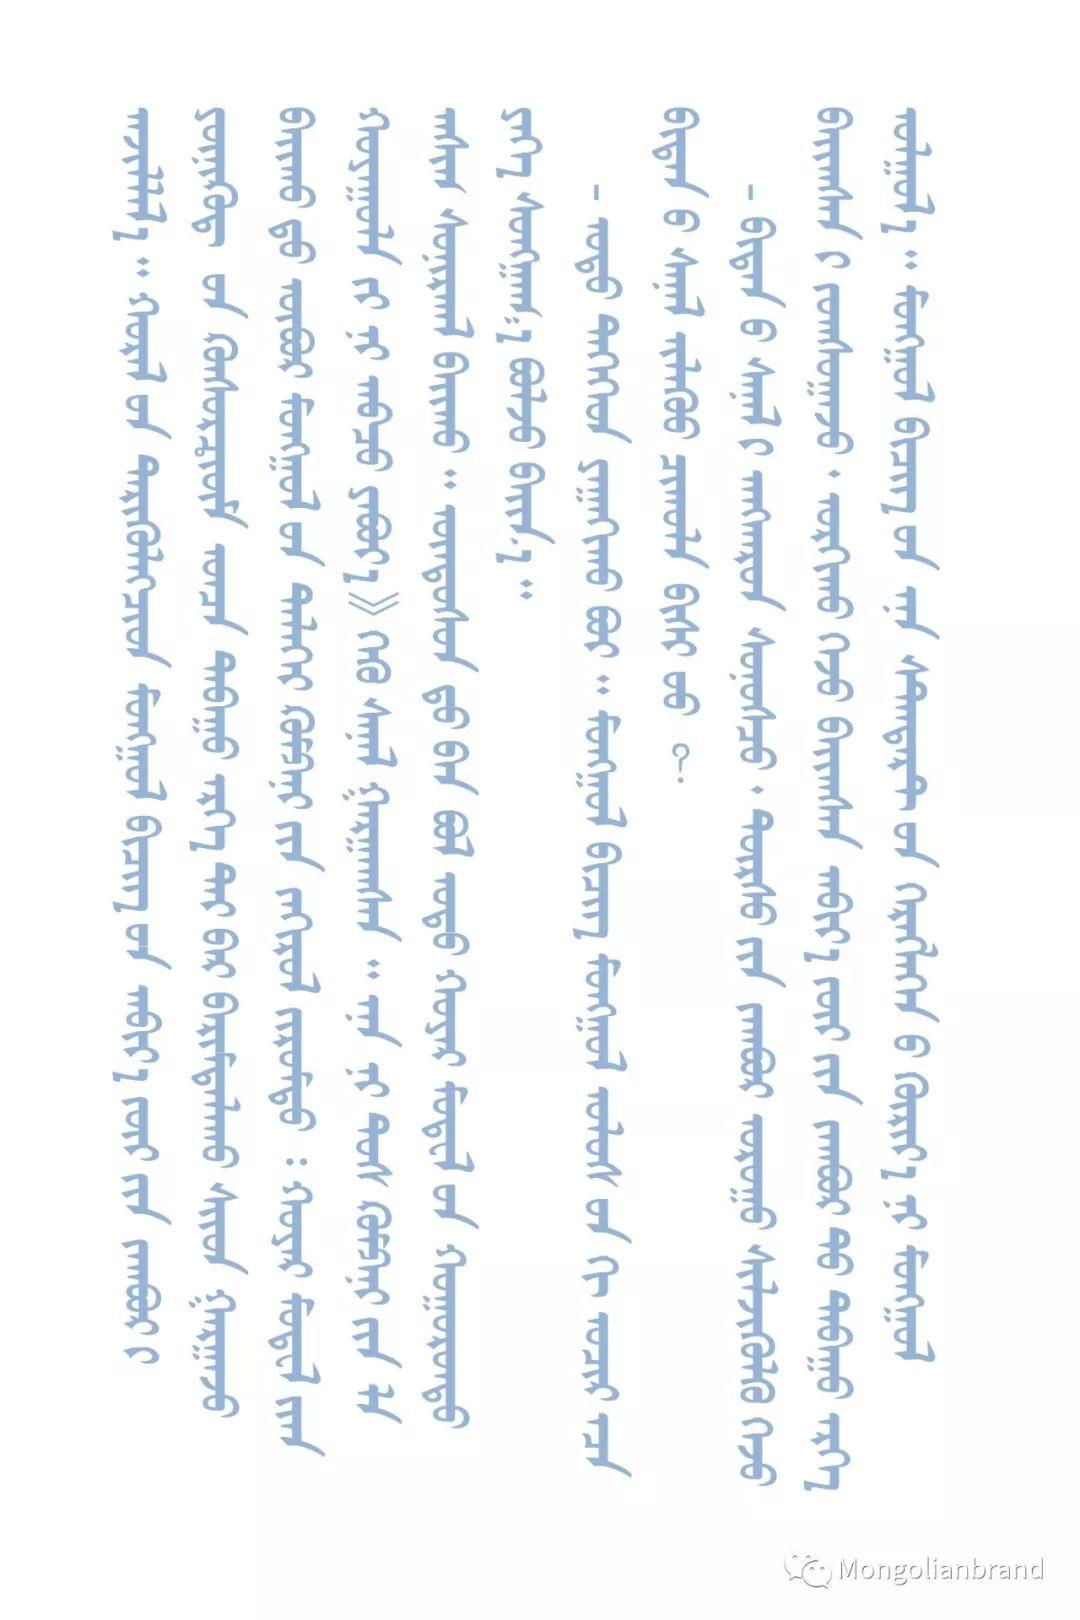 蒙古字体设计专家Jamiyansuren:让每个蒙古人掌握传统蒙古文是我们的终极目标 第14张 蒙古字体设计专家Jamiyansuren:让每个蒙古人掌握传统蒙古文是我们的终极目标 蒙古文化